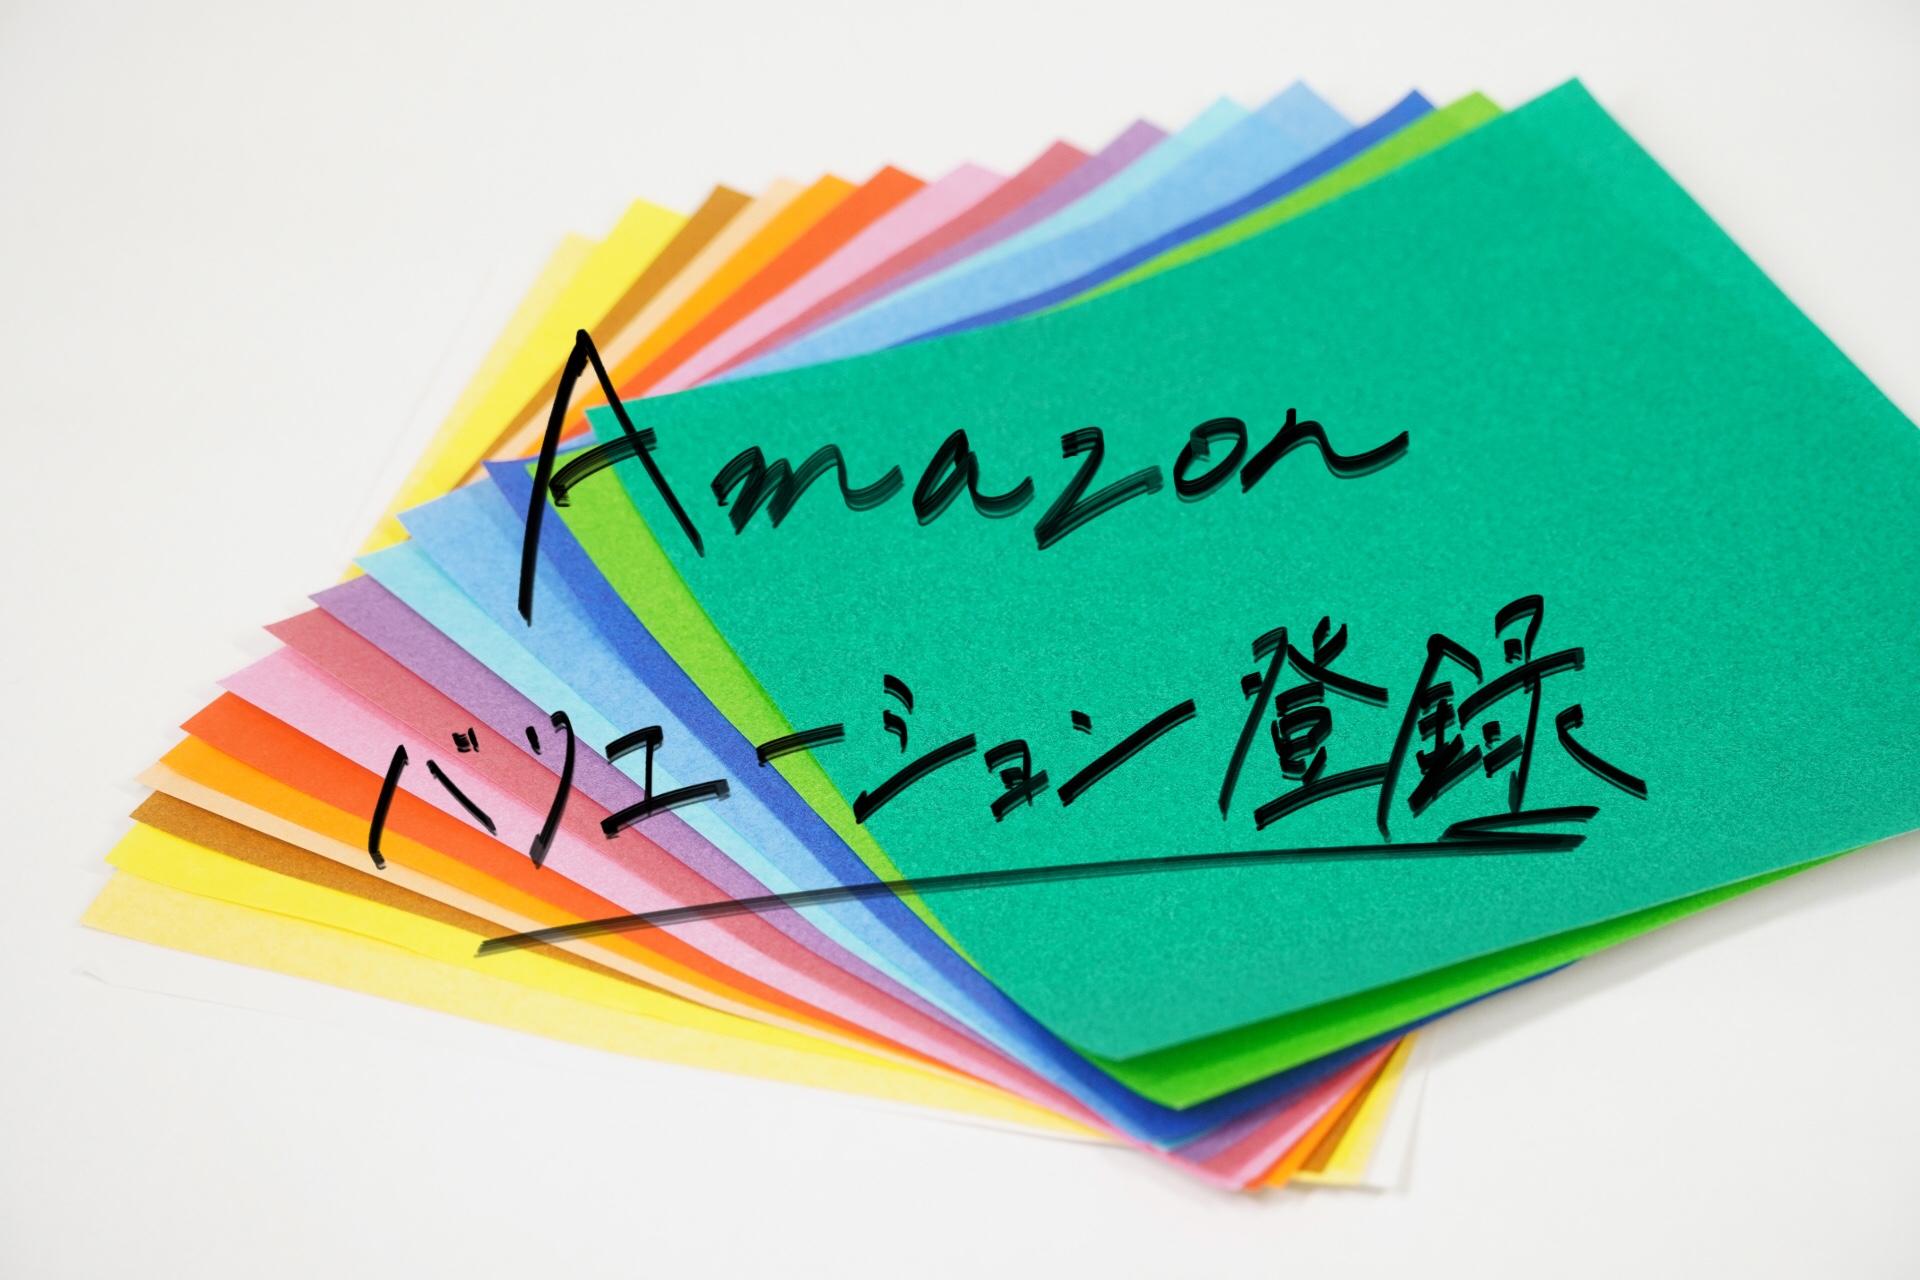 【活用必須】Amazonバリエーション登録の手順と4つのメリット